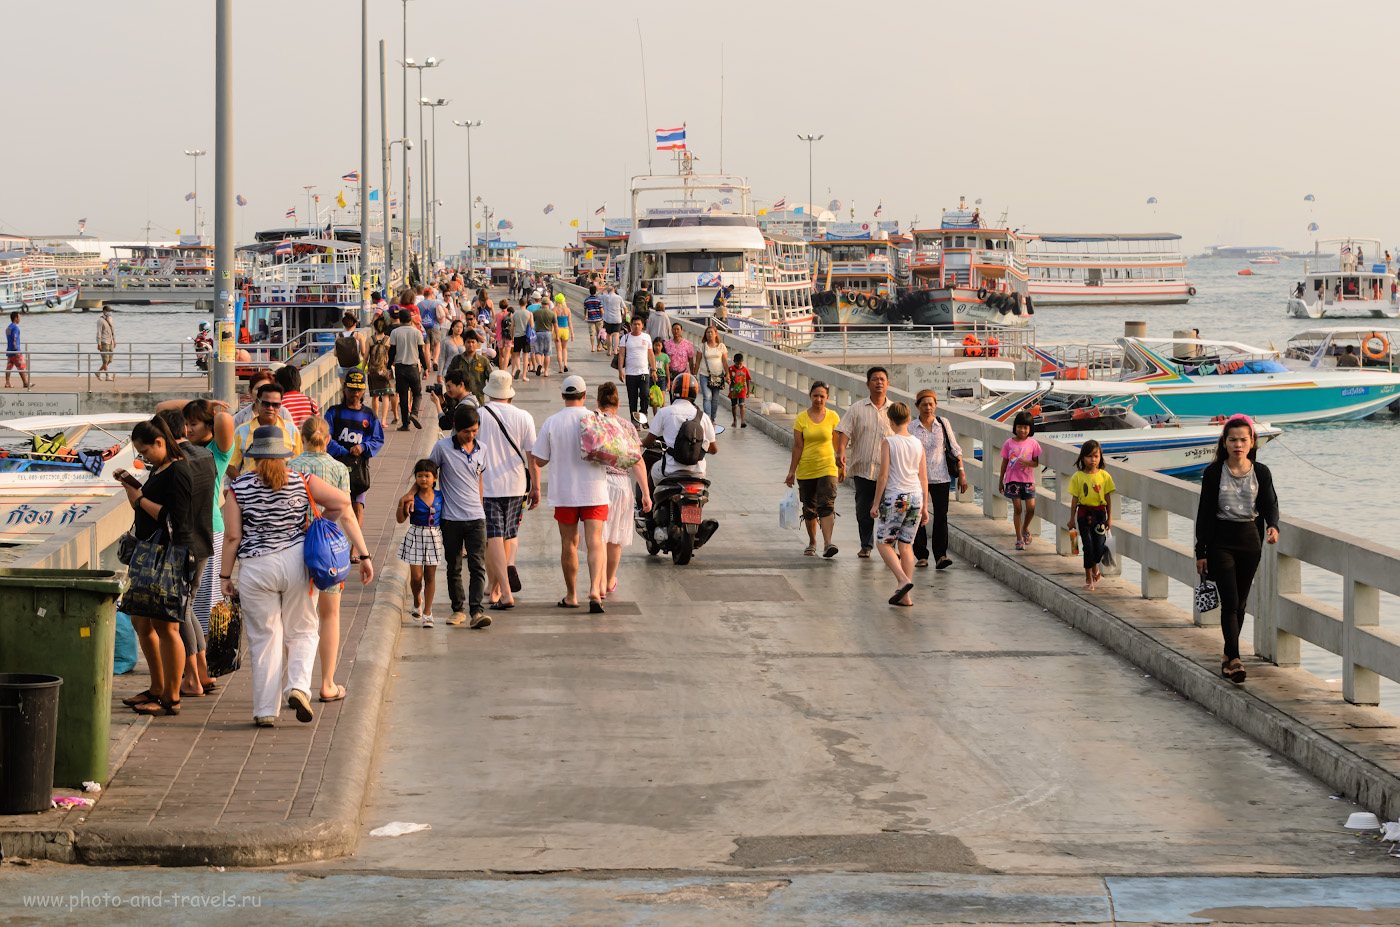 4. Пирс Бали Хай в Паттайе (Pattaya city). Отсюда туристы уезжают купаться на остров Ко Лан, где вода намного чище. AF-S VR Zoom-Nikkor 70-300mm f/4.5-5.6G IF-ED, 1/400 сек, A, f/7.1, 70 мм, 250.